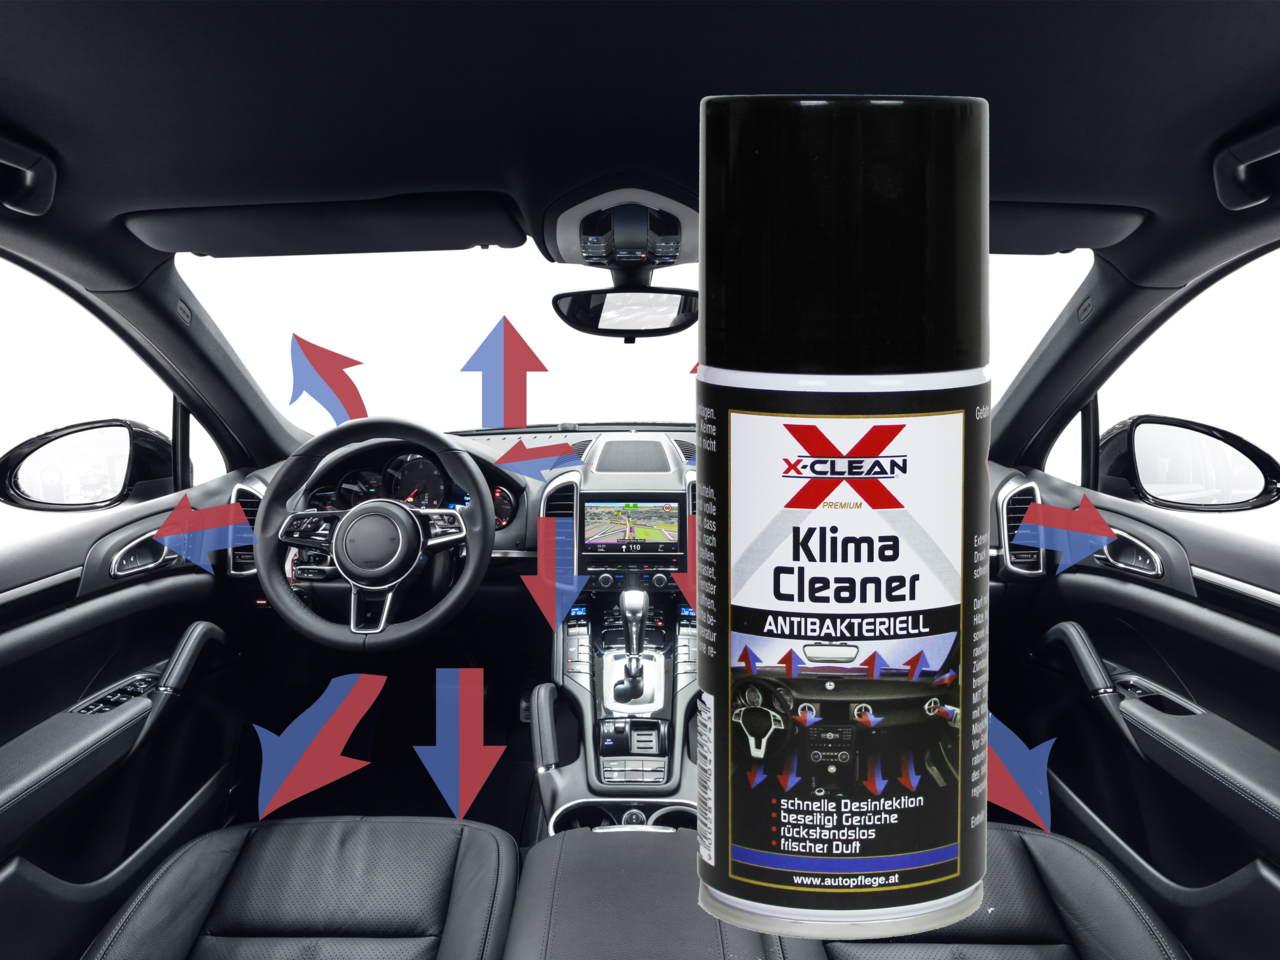 Full Size of Geruch Im Auto Neutralisieren Essig Rauch Geruch Neutralisieren Auto Geruch Neutralisieren Im Auto Gerüche Neutralisieren Im Auto Küche Gerüche Neutralisieren Auto